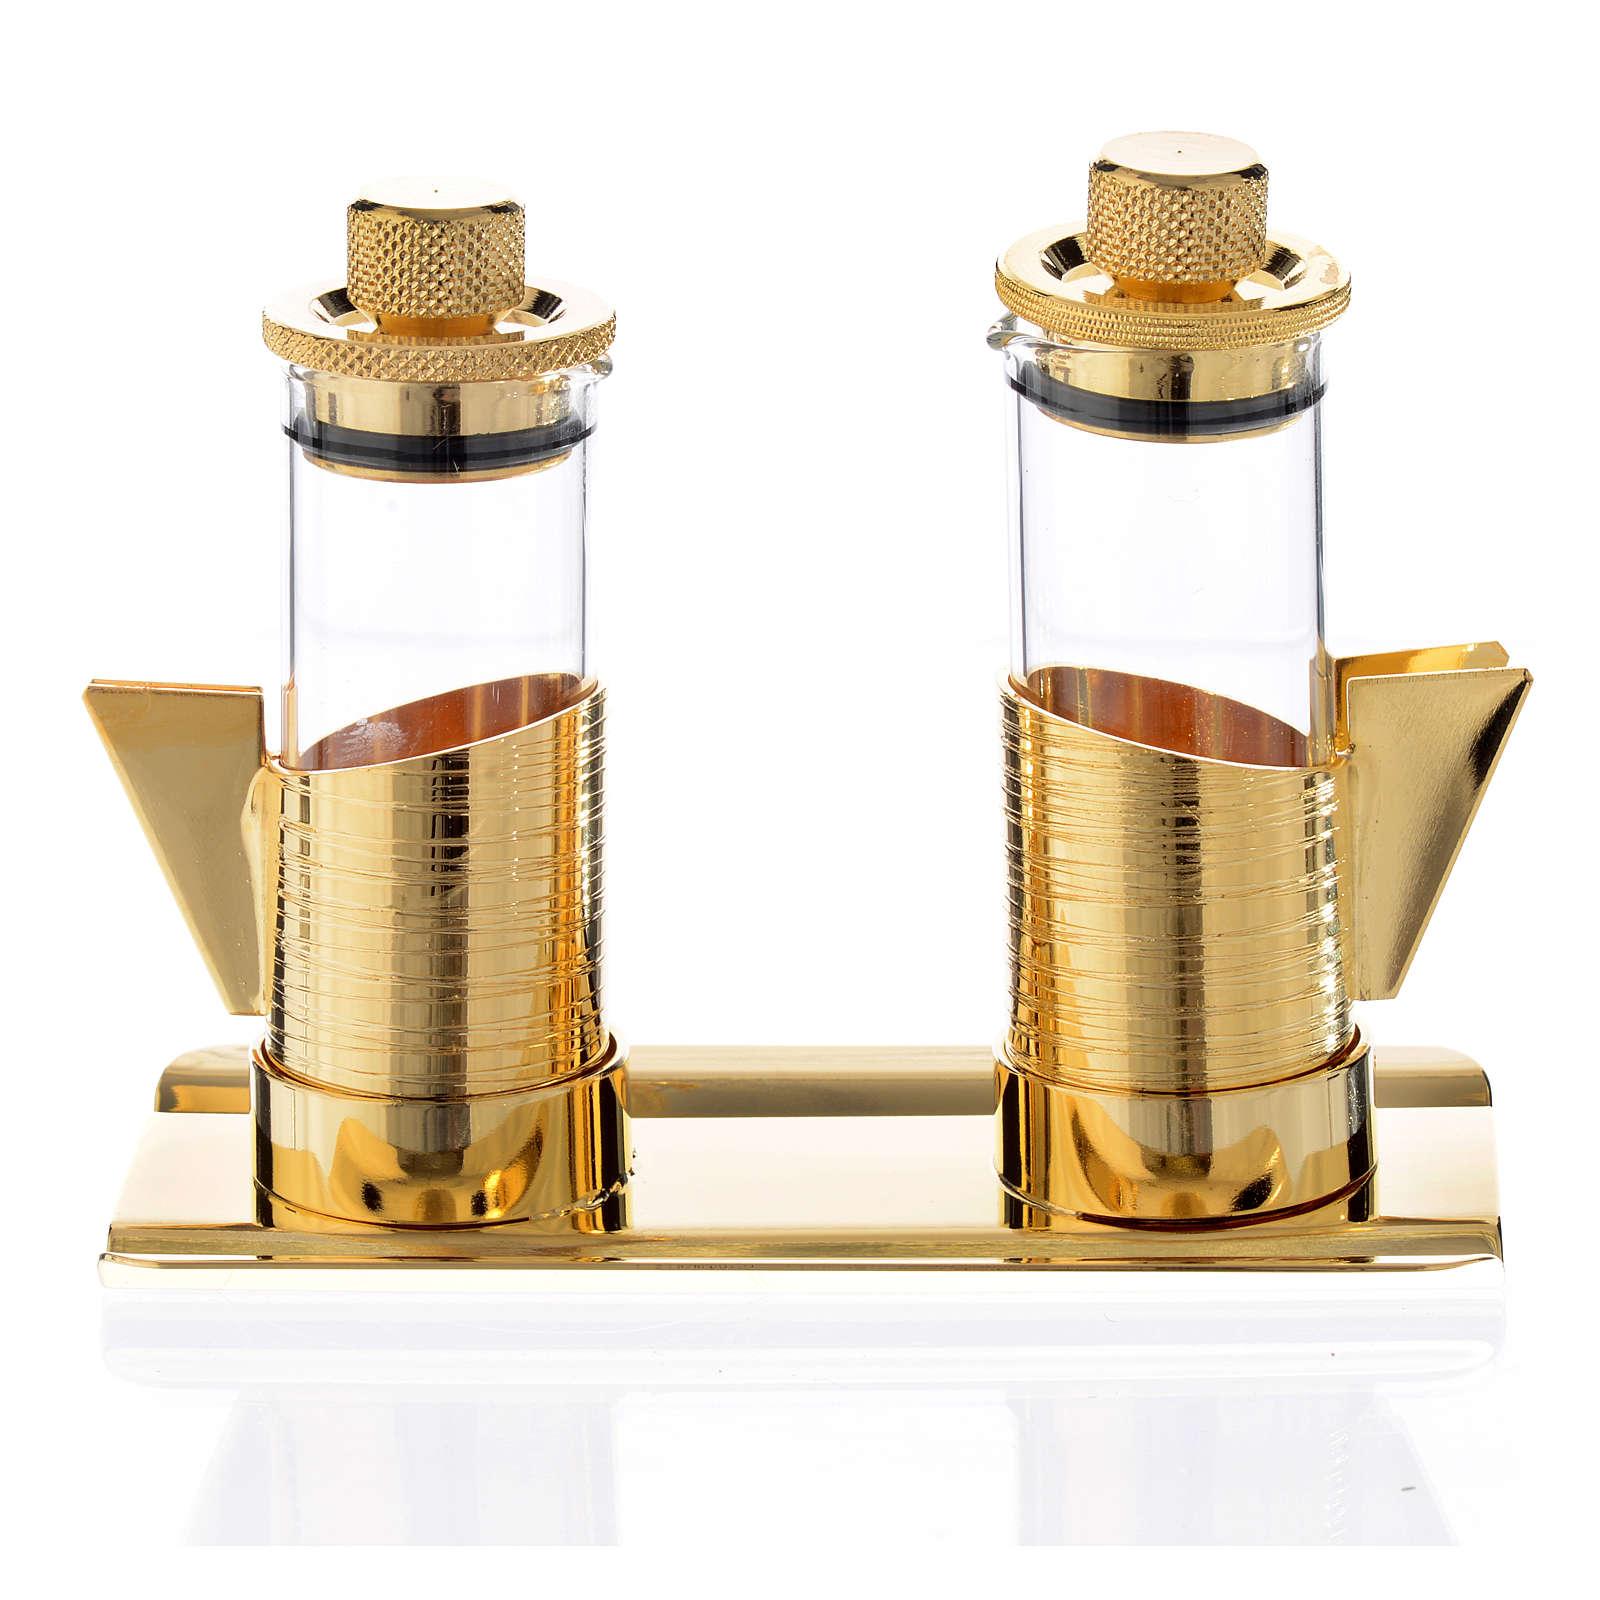 Ampolline mignon e vassoio ottone dorato 50 cc 4